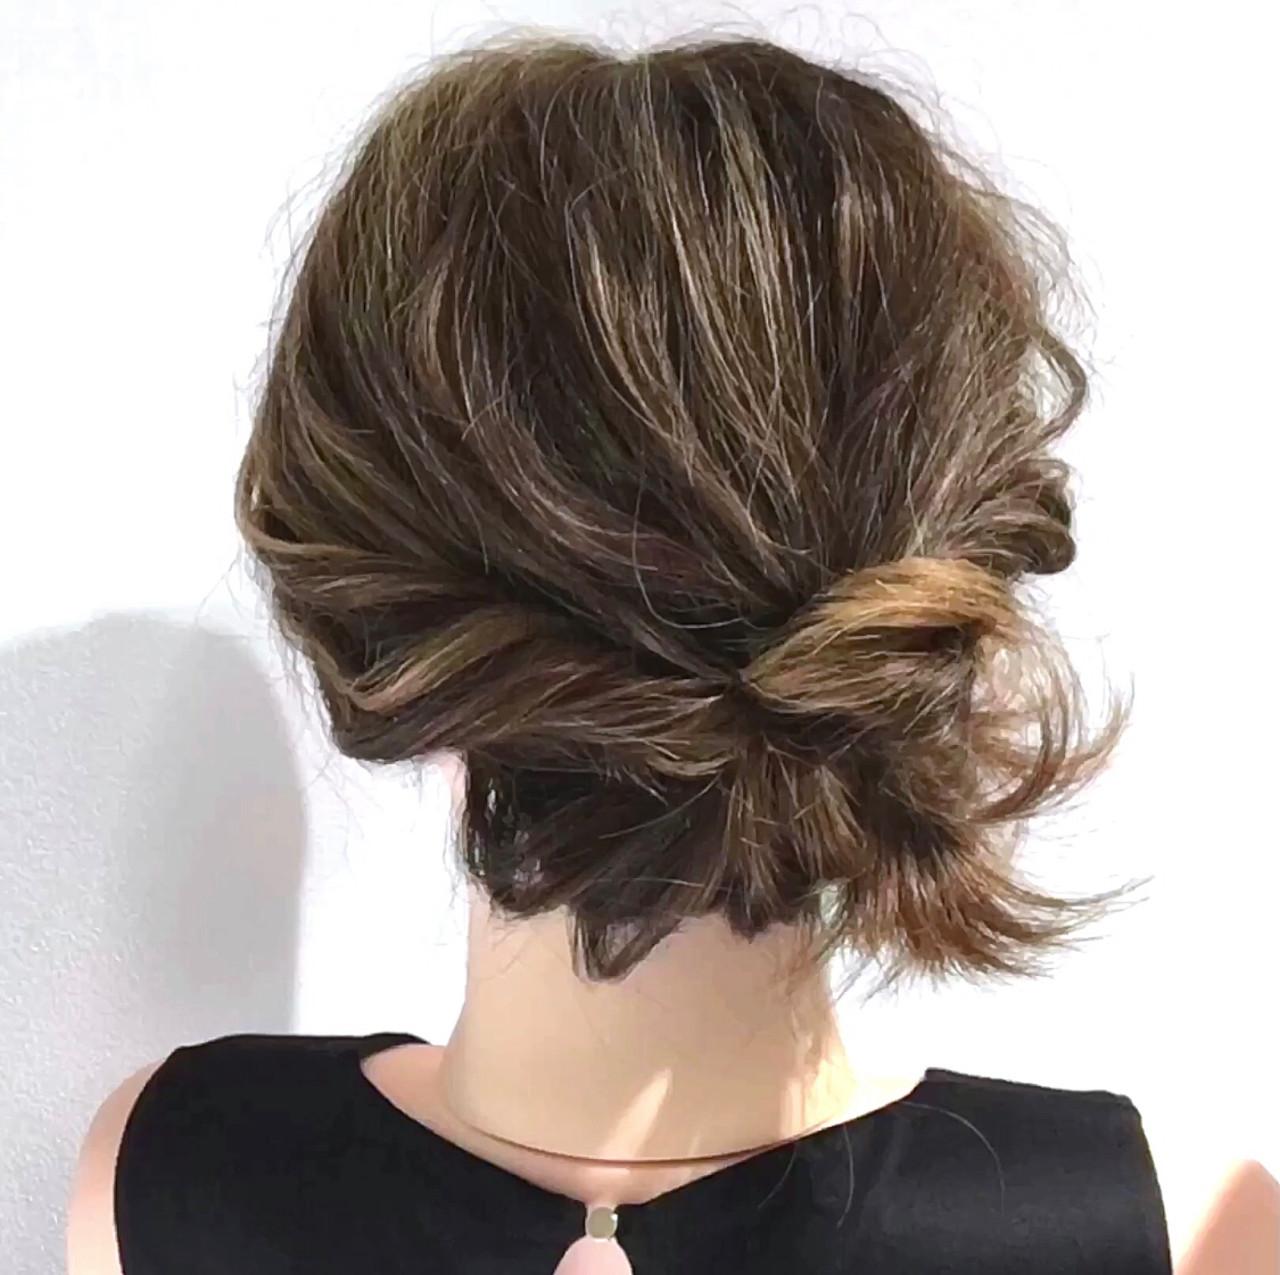 ヘアアレンジ 簡単ヘアアレンジ セルフアレンジ くるりんぱヘアスタイルや髪型の写真・画像